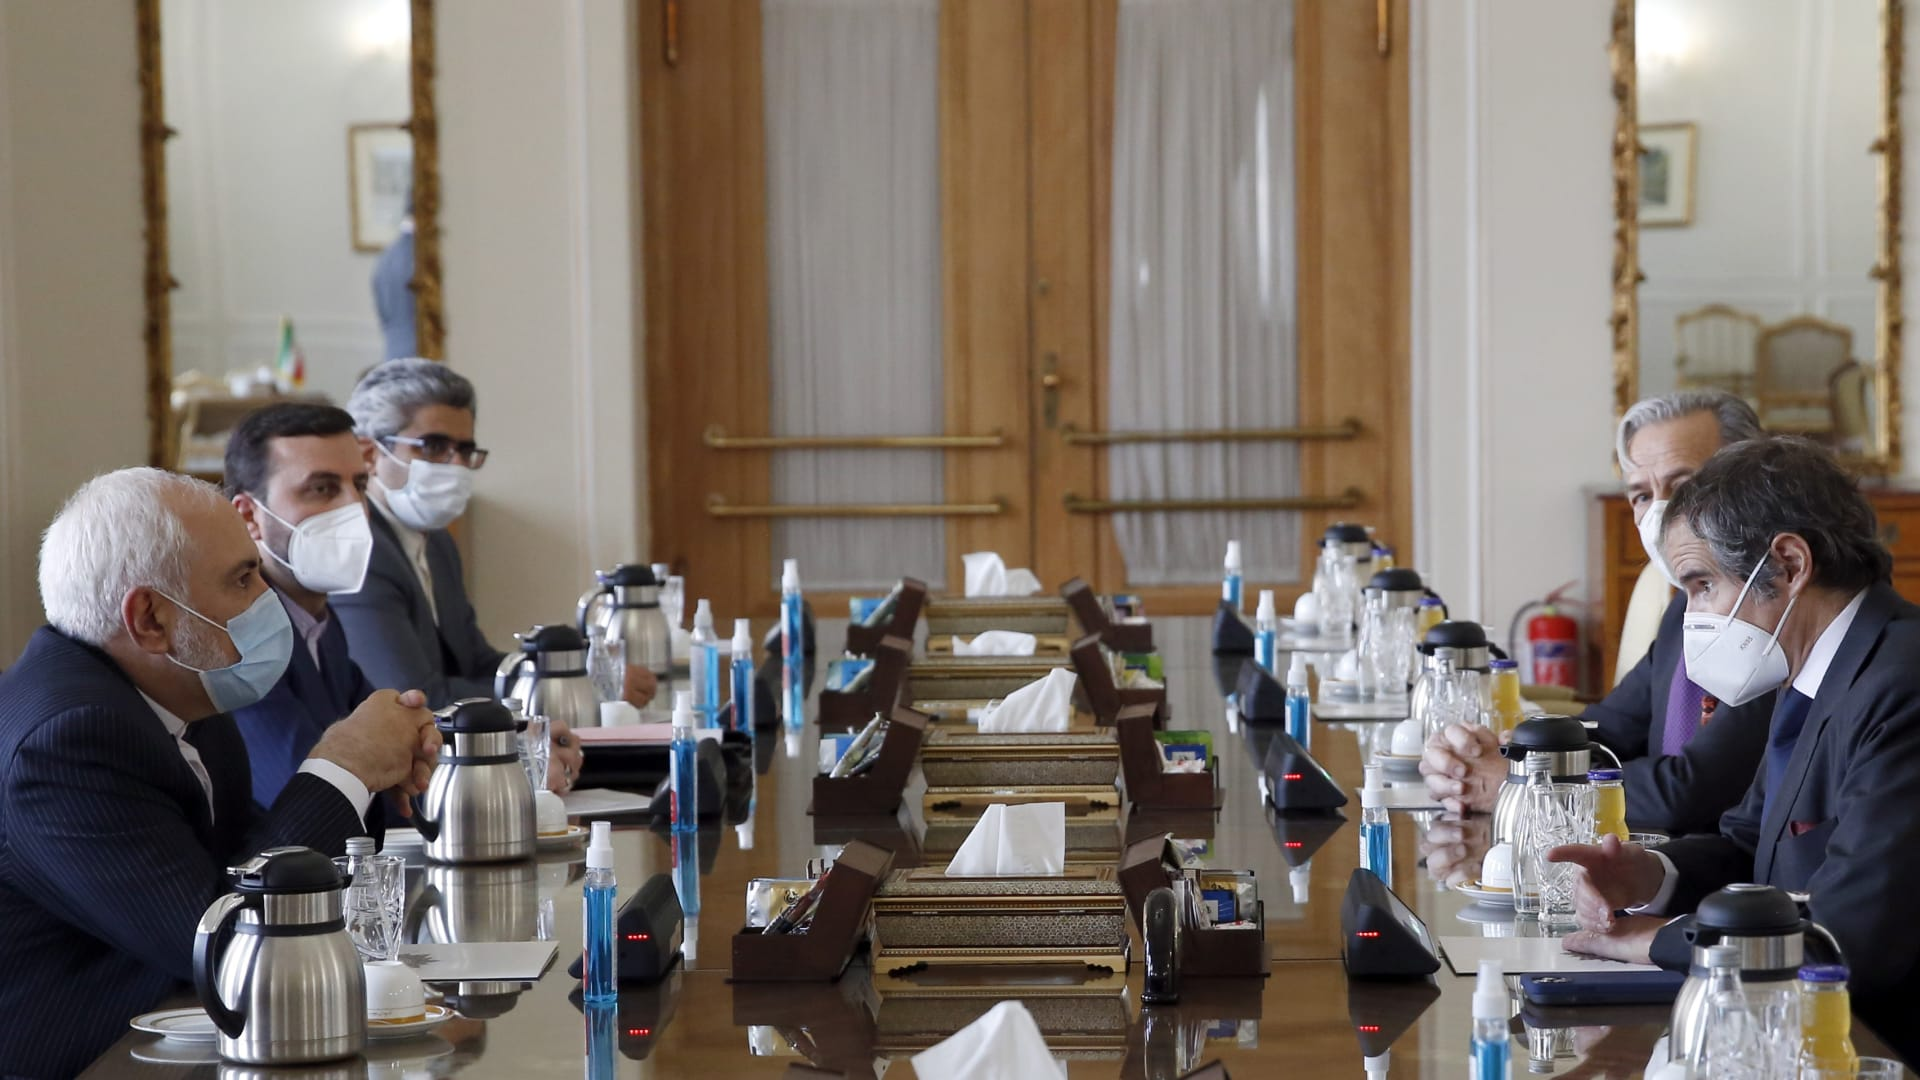 مدير وكالة الطاقة الذرية: التوصل لاتفاق مع إيران لتسمح بمواصلة أنشطة التفتيش 3 أشهر